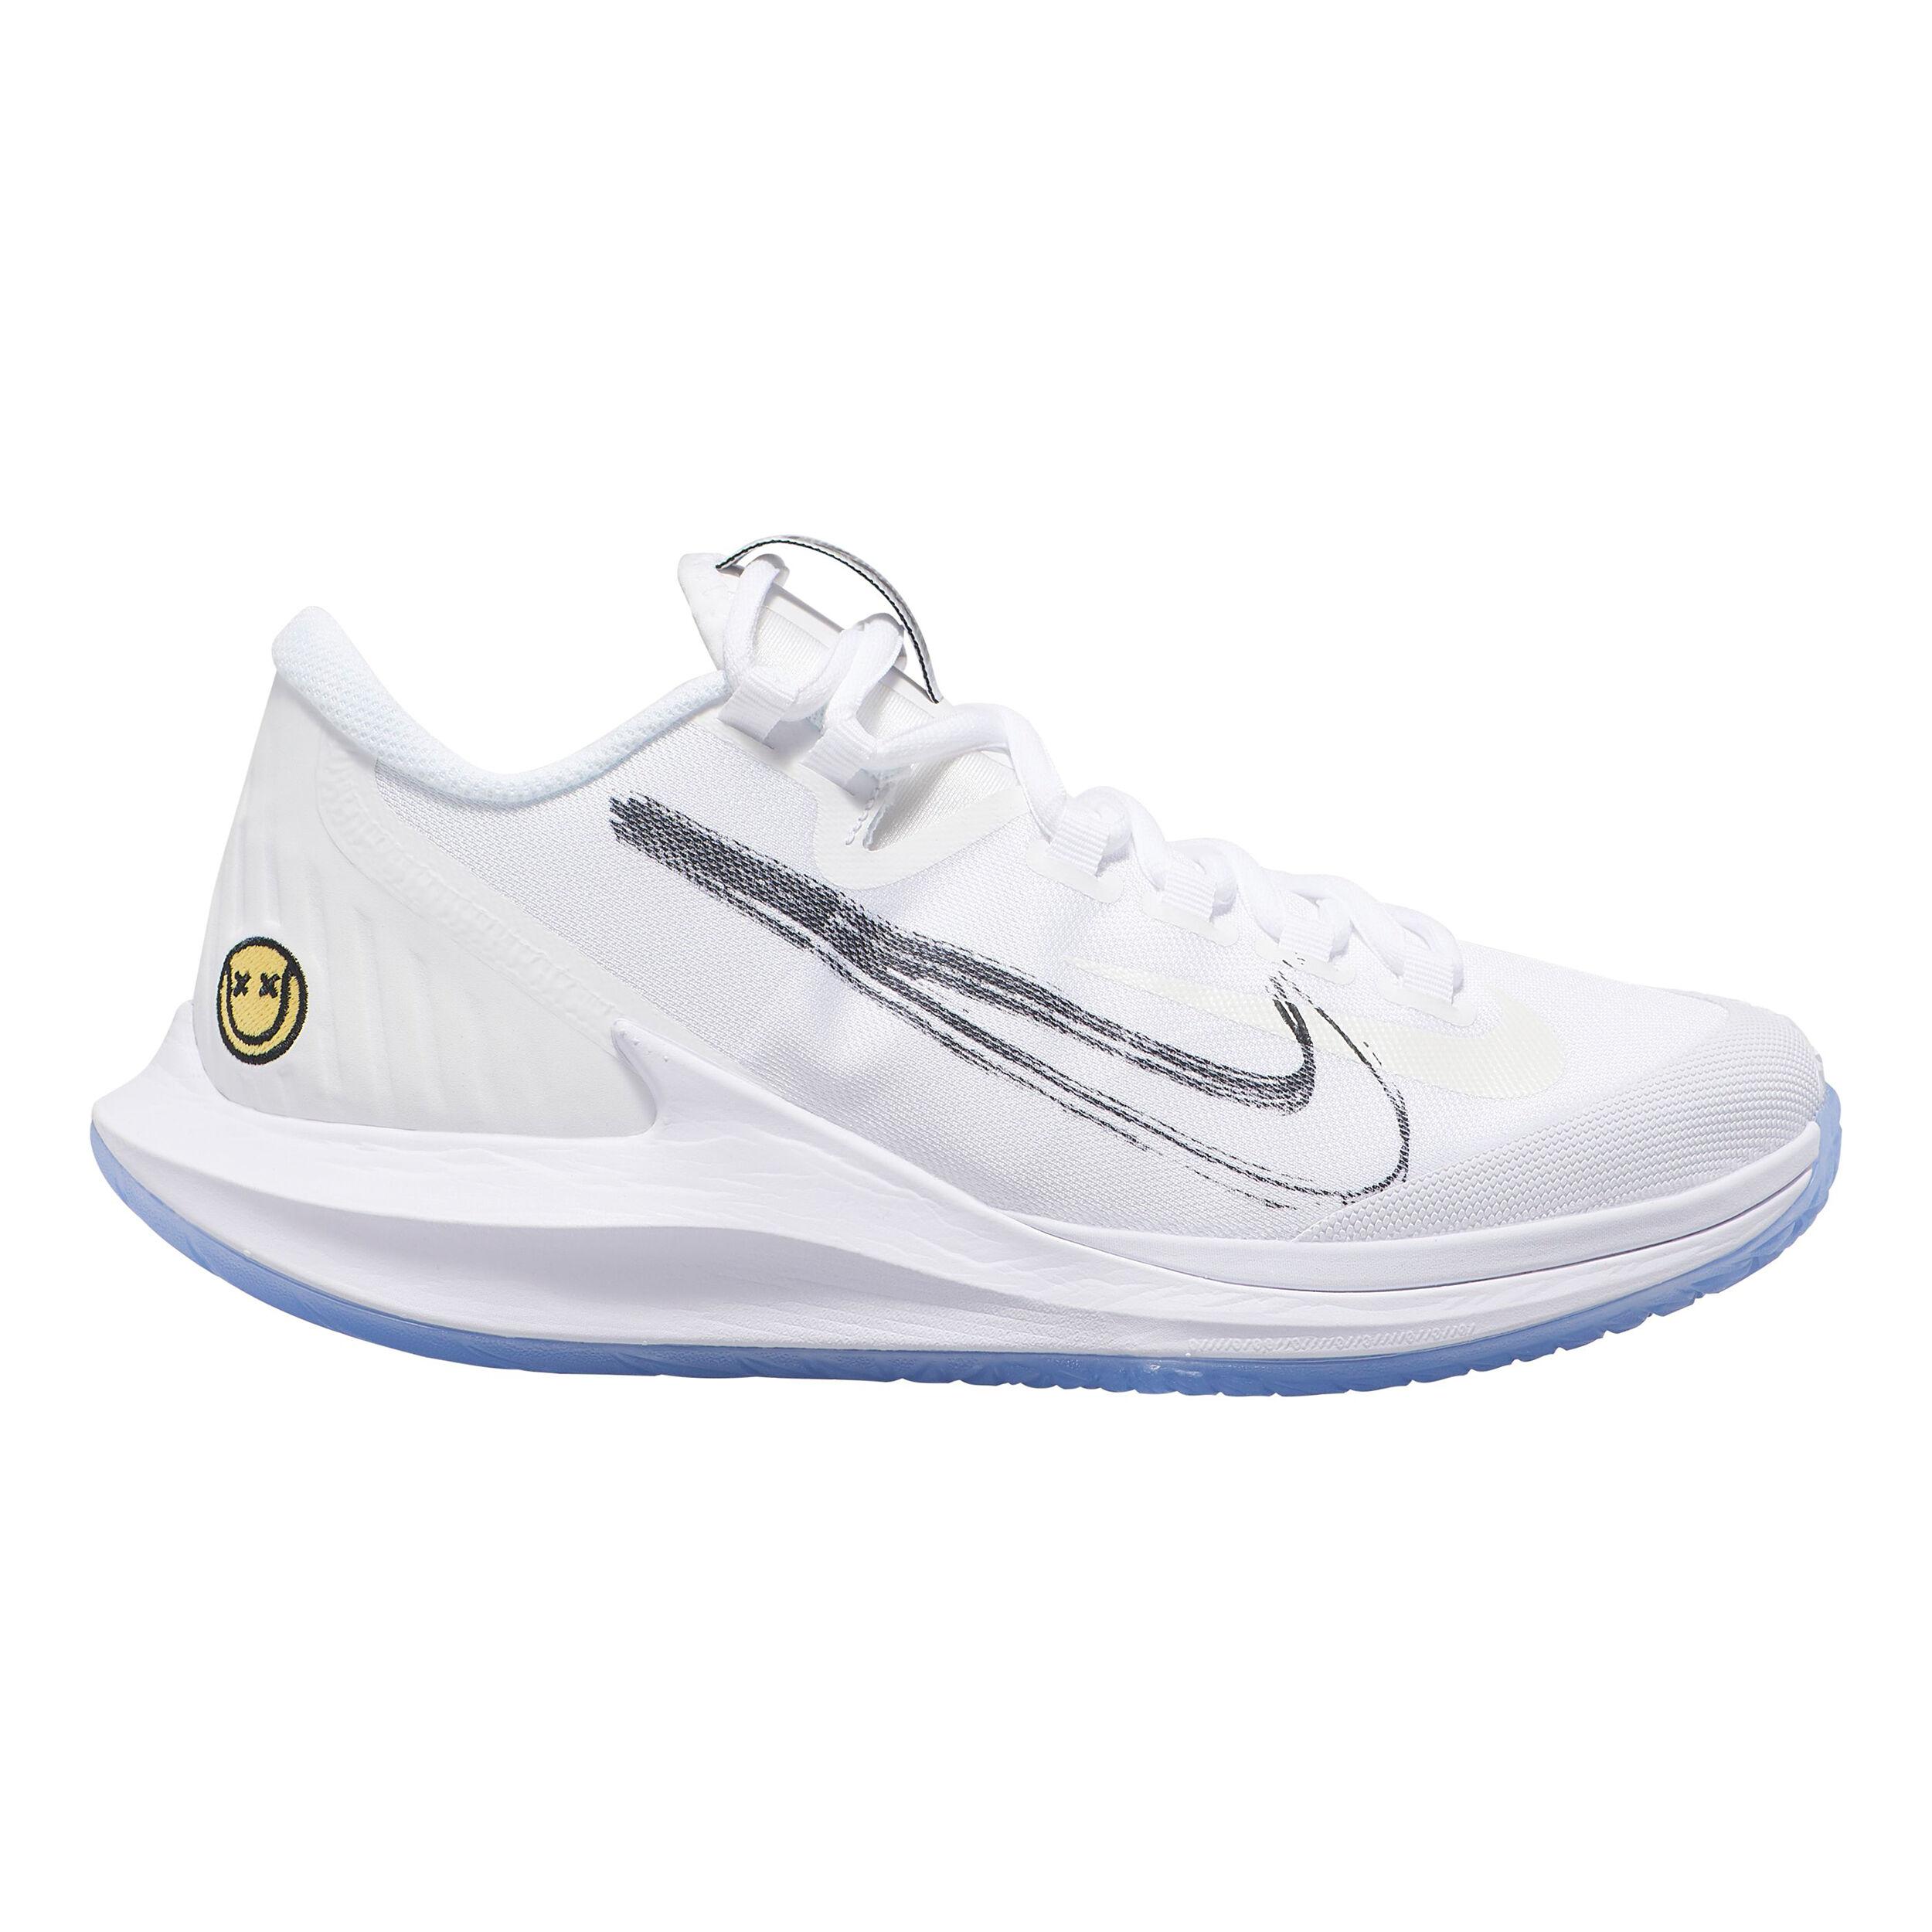 Nike Air Zoom Zero Allcourt sko Damer Hvid, Lyseblå